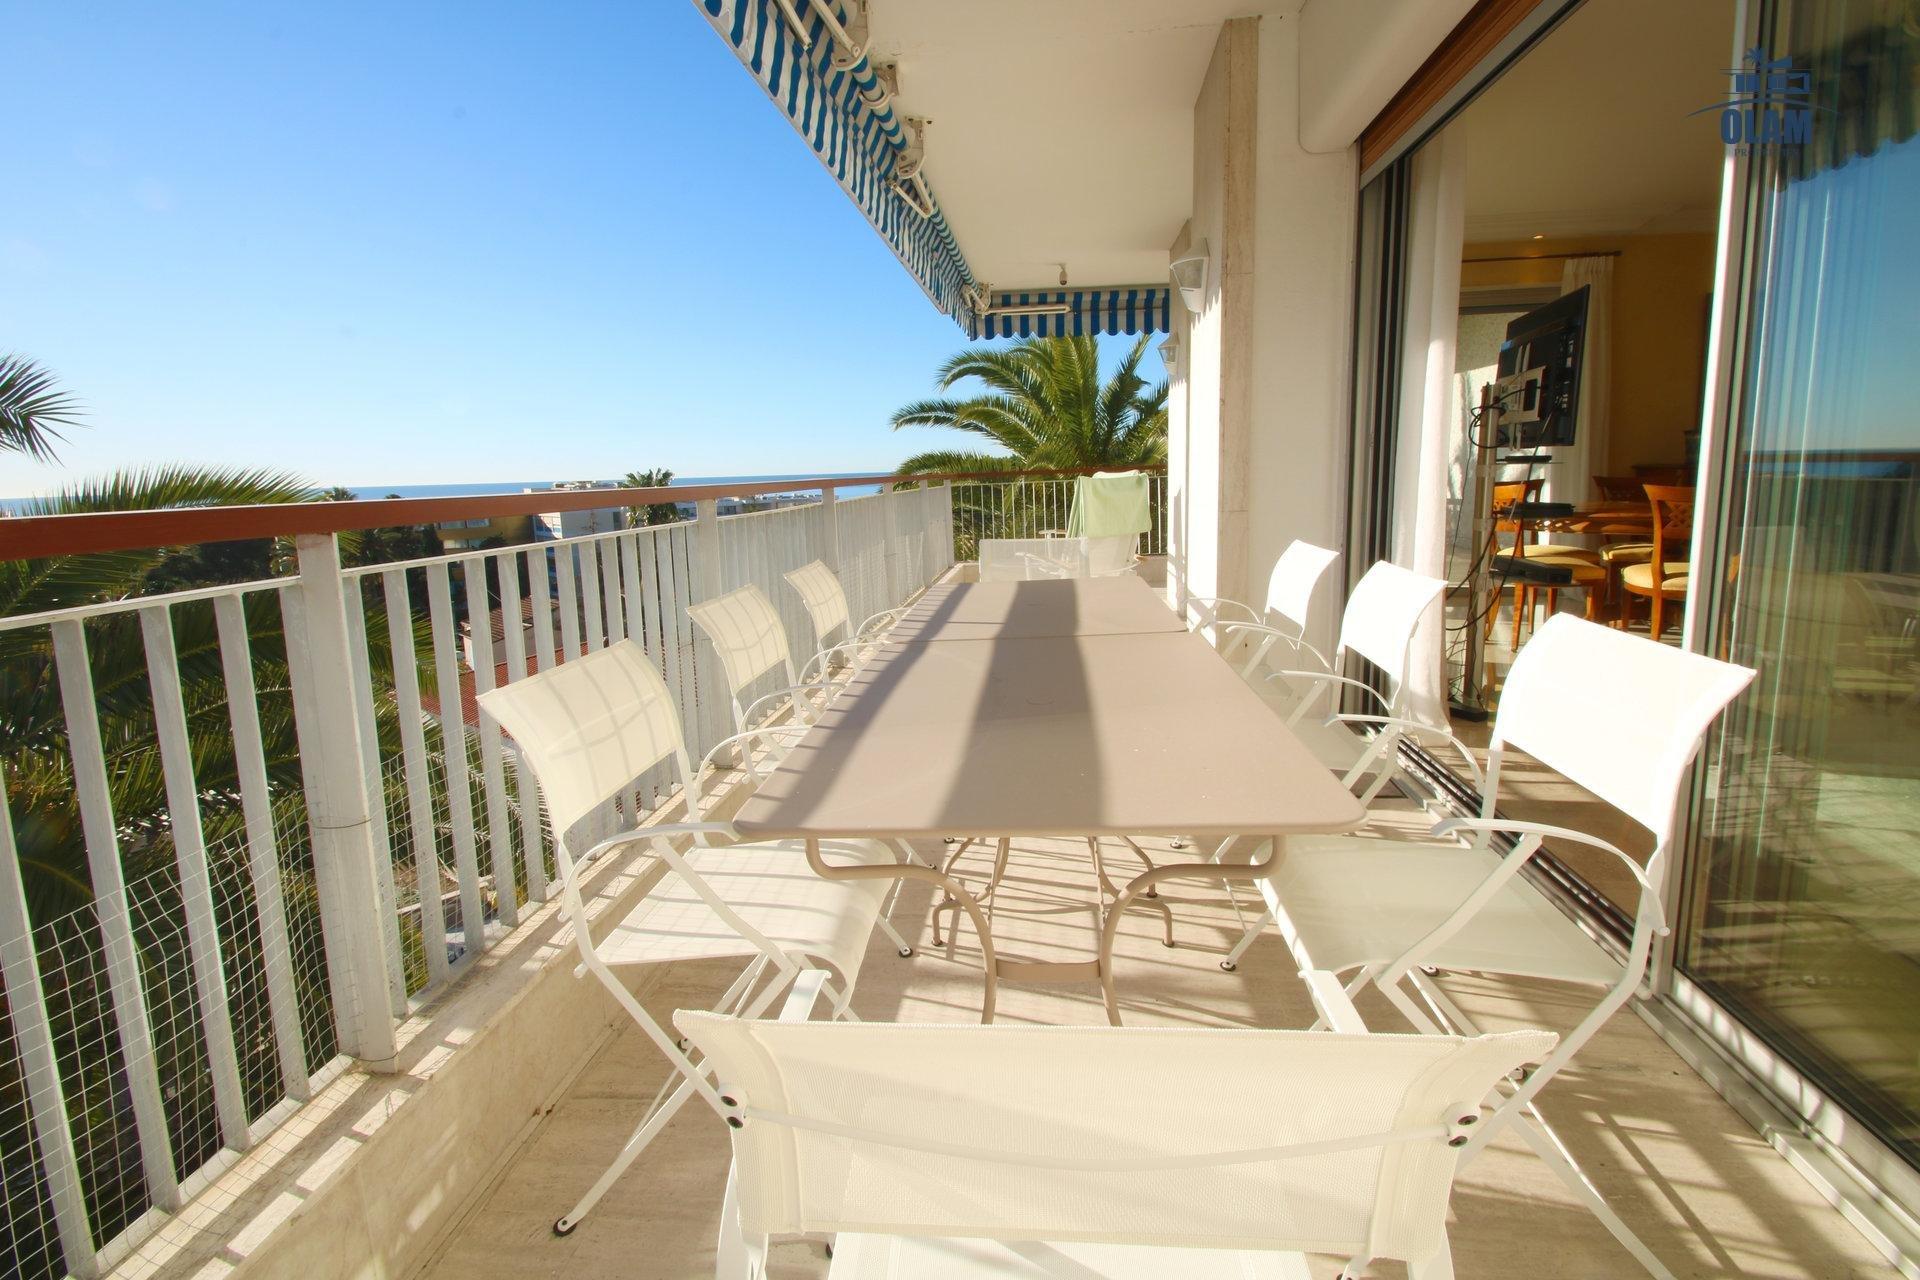 Cannes, terrasse, mobilier d'extérieur, Côte d'Azur, location saisonnière